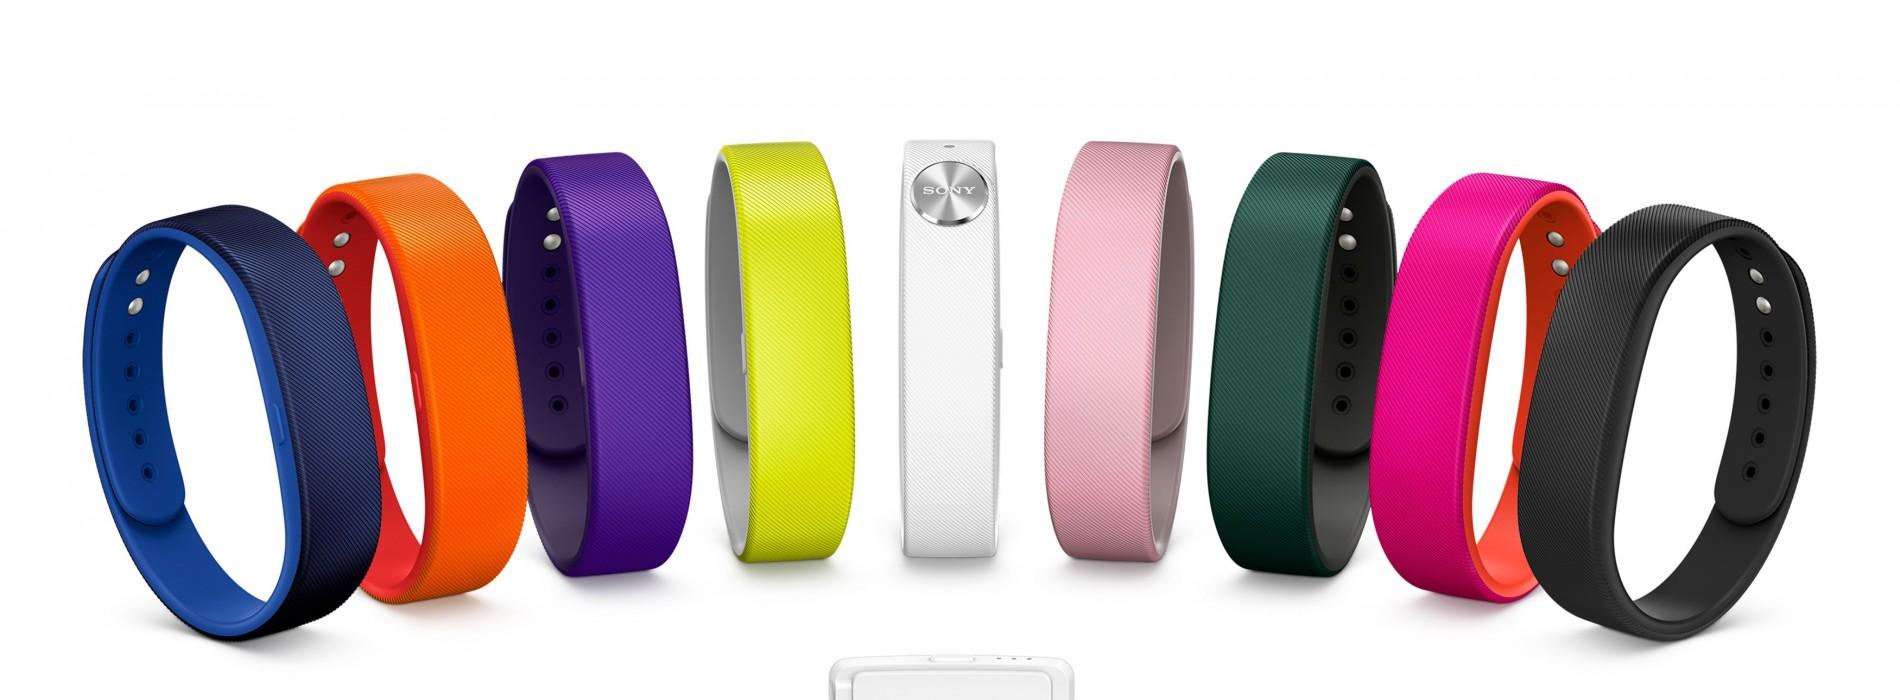 Sony SmartBand SWR10 gallery